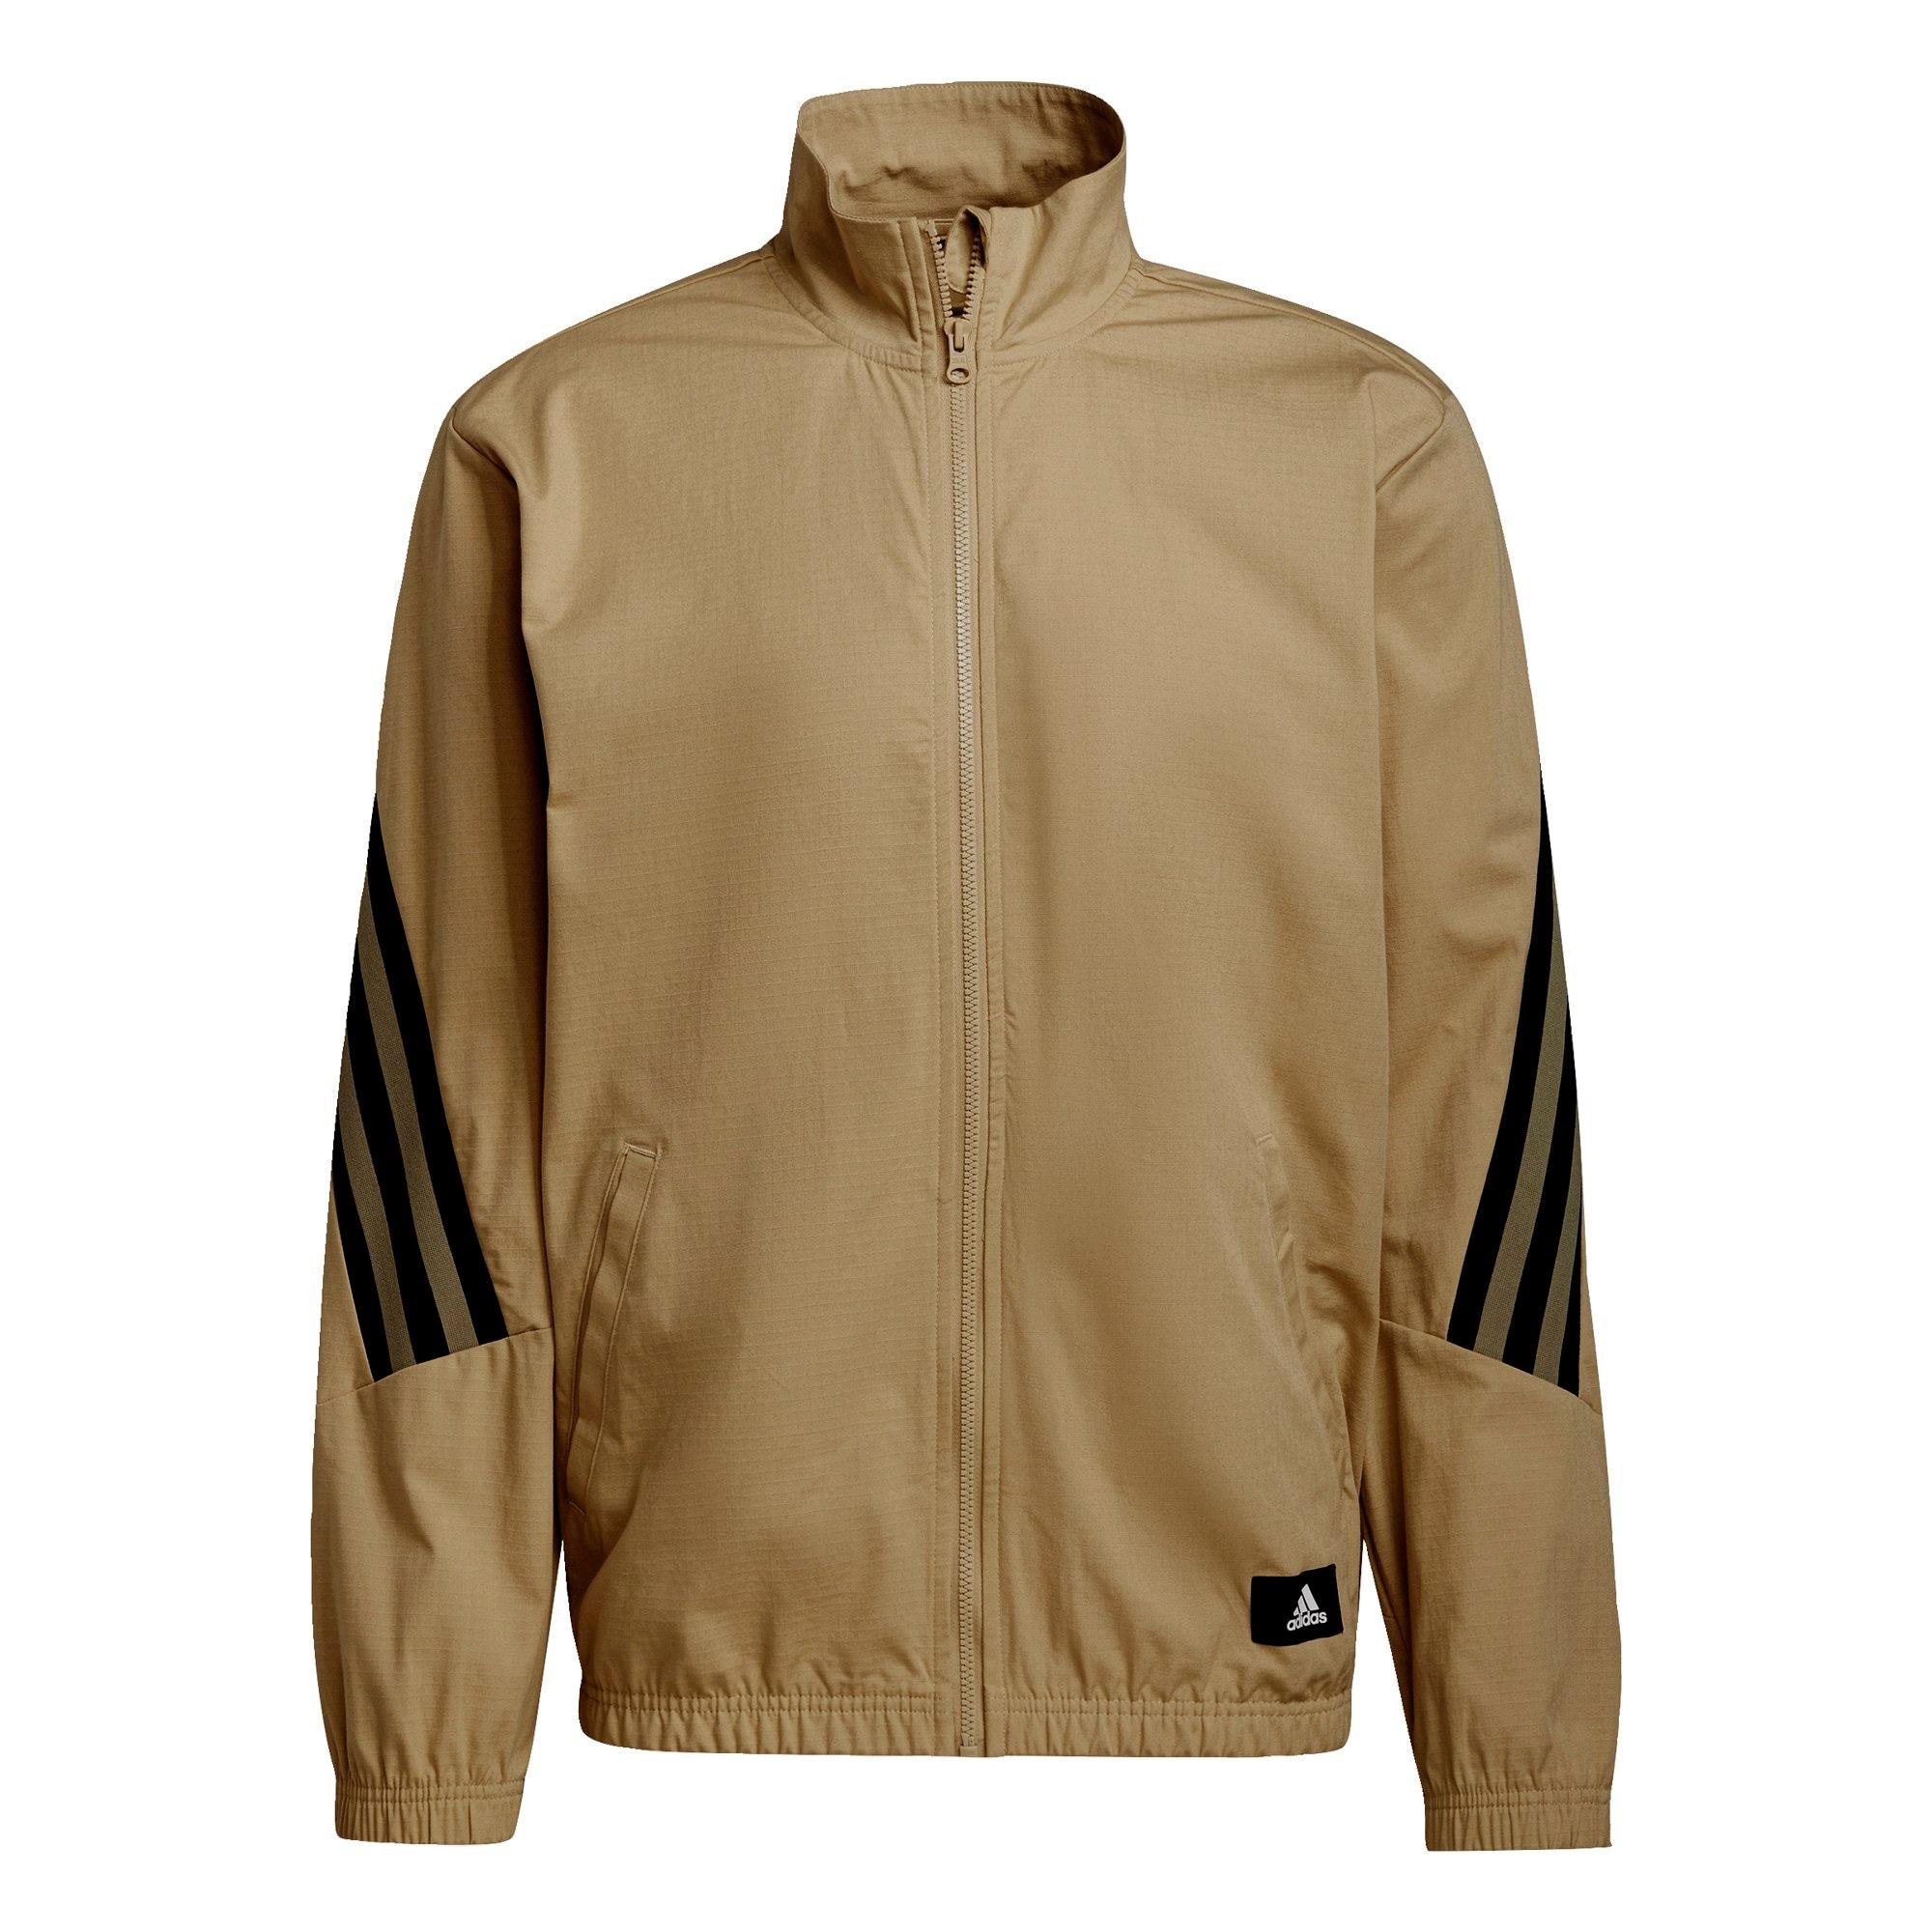 ADIDAS PERFORMANCE Sportovní bunda  písková / černá / olivová